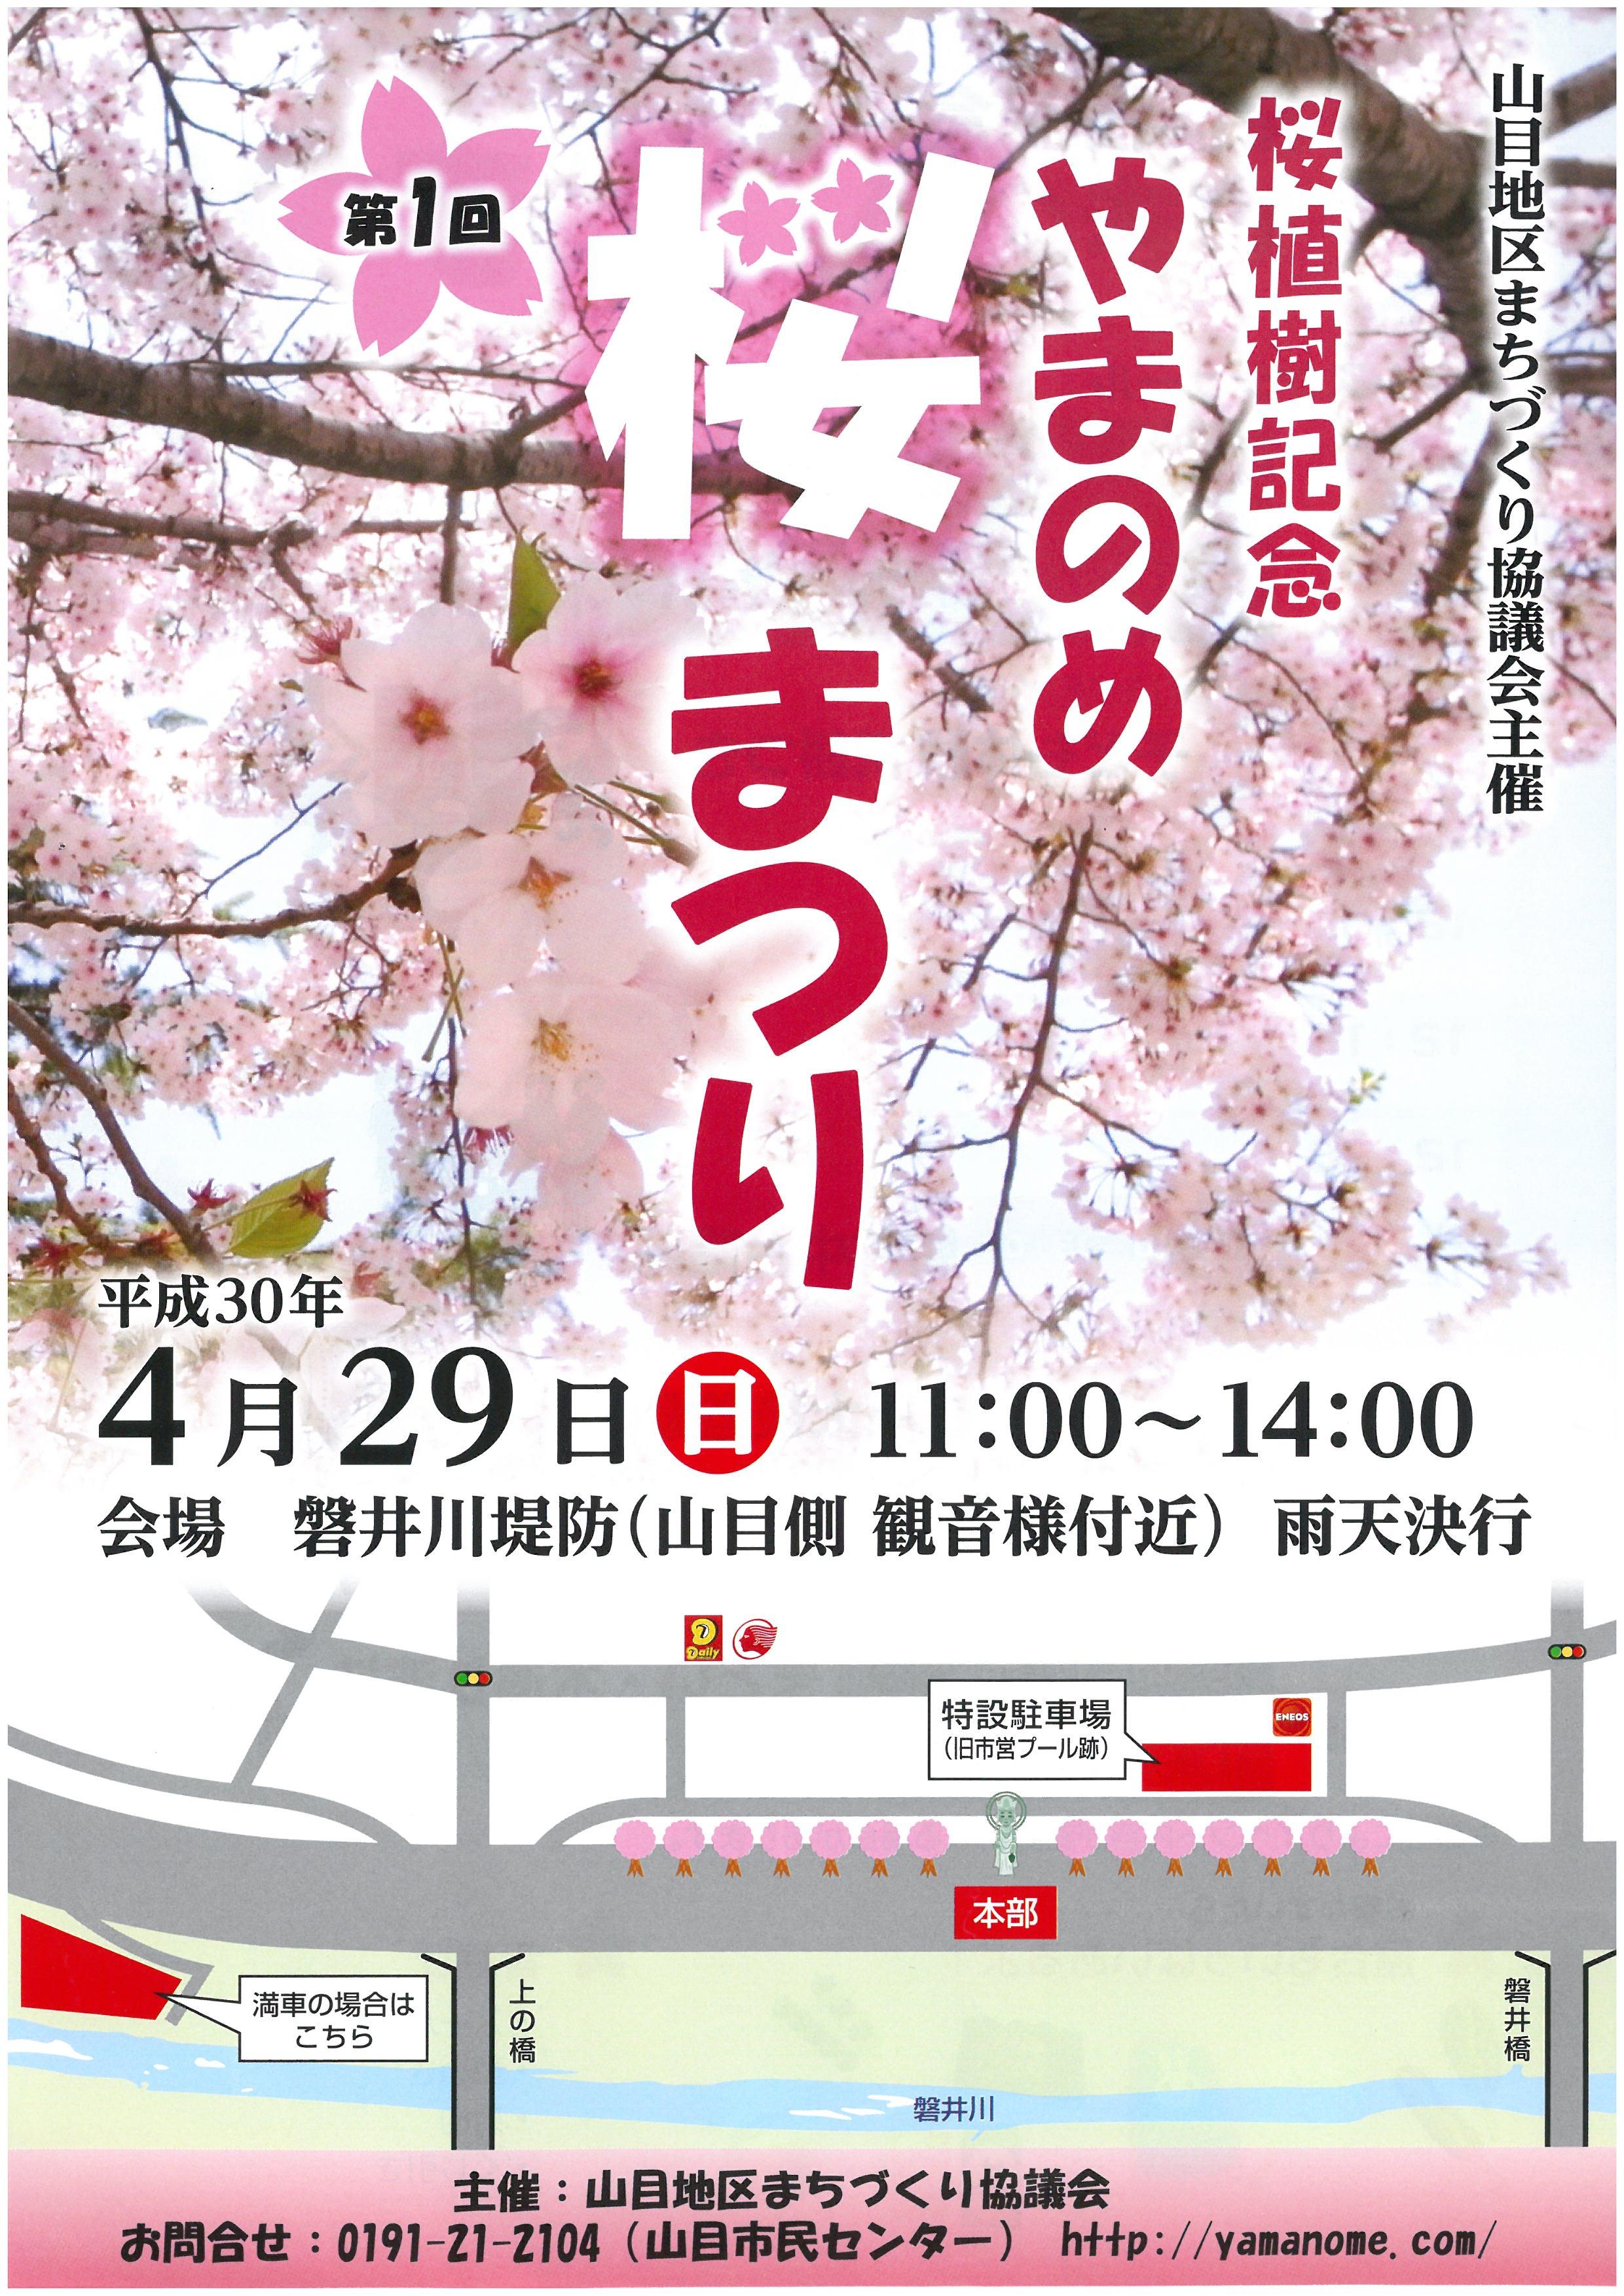 やまのめ桜まつり @ 磐井川堤防(山目側)